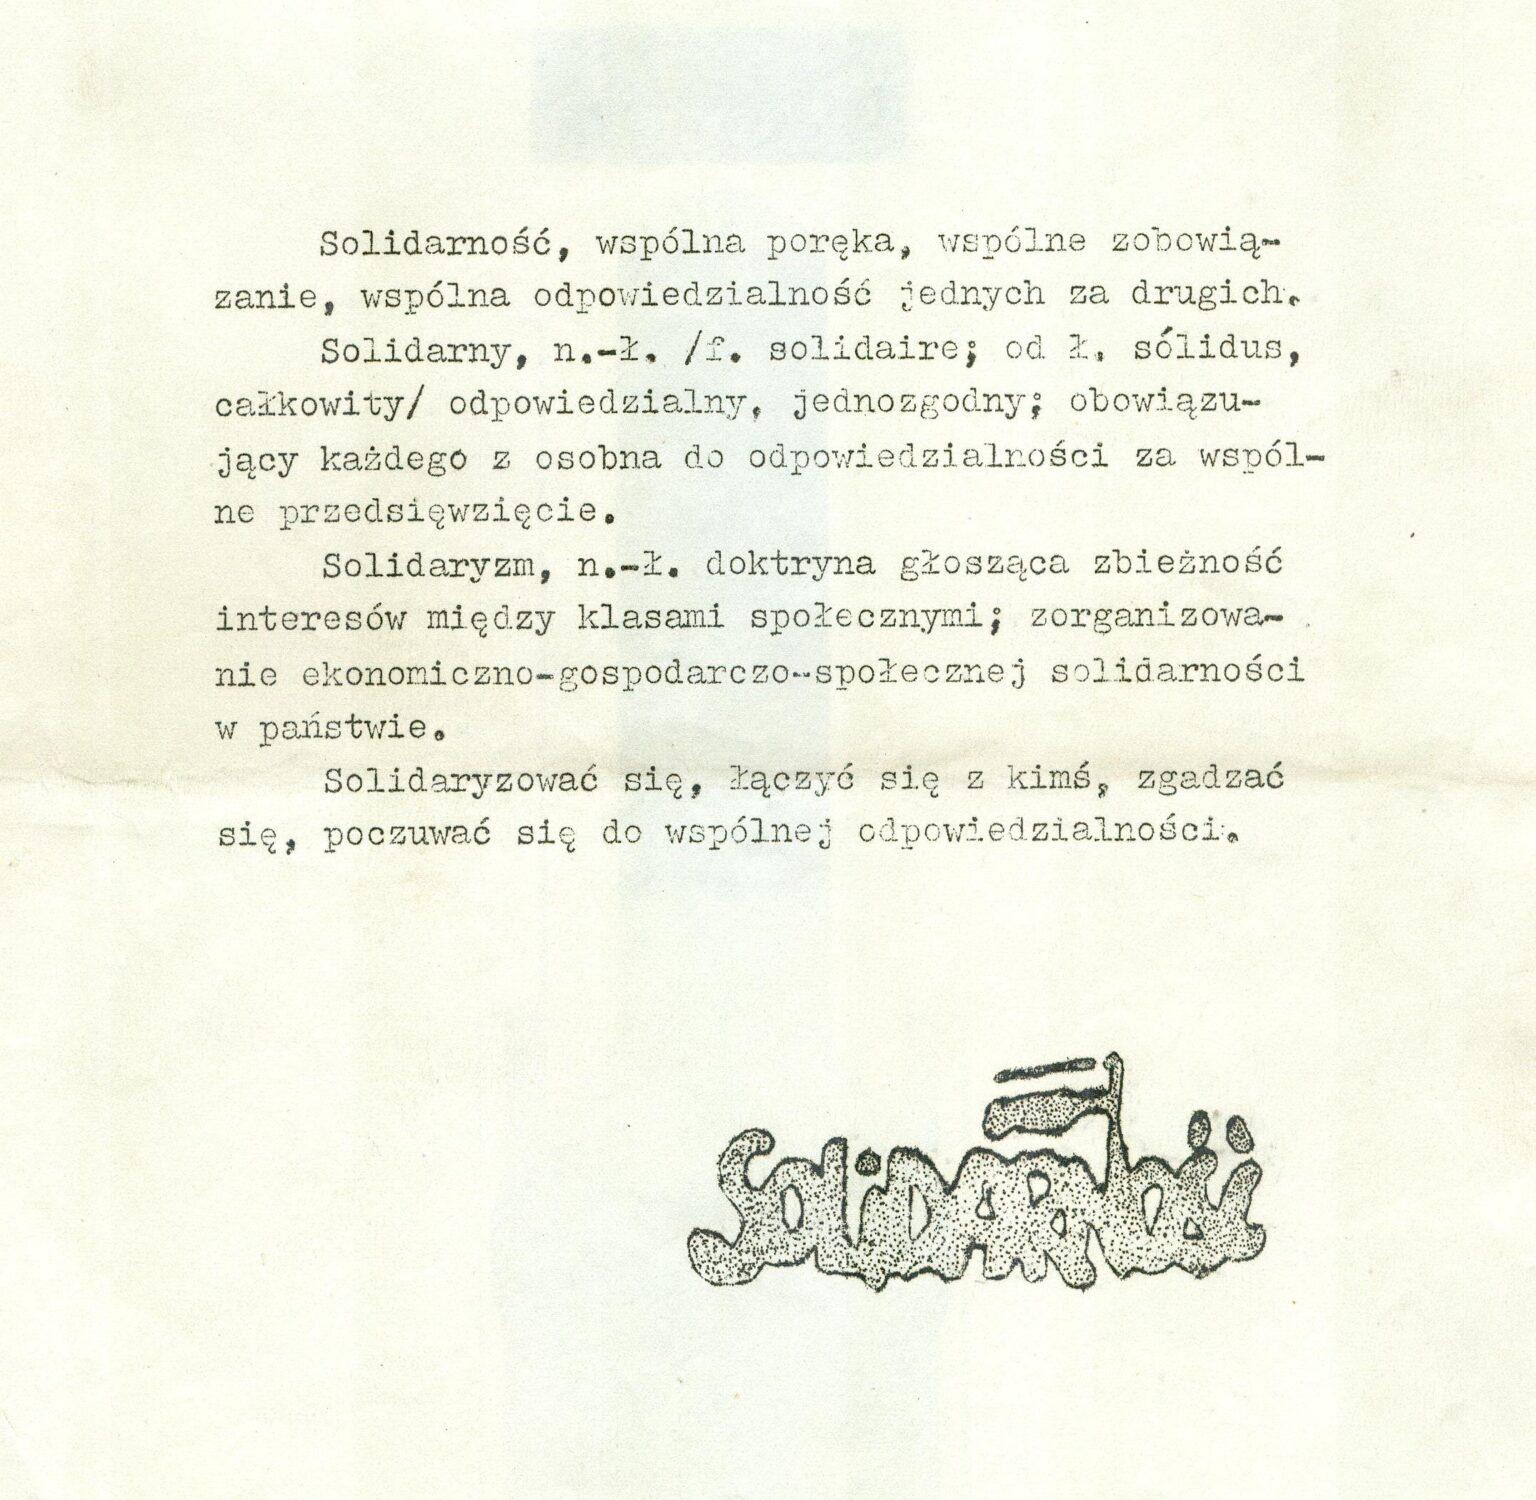 """Kartka zapisana pismem maszynowym: """"Solidarność, wspólna poręka, wspólne zobowiązanie, wspólna odpowiedzialność jednych za drugich..."""" Pod spodem monochromatyczne logo Solidarności."""